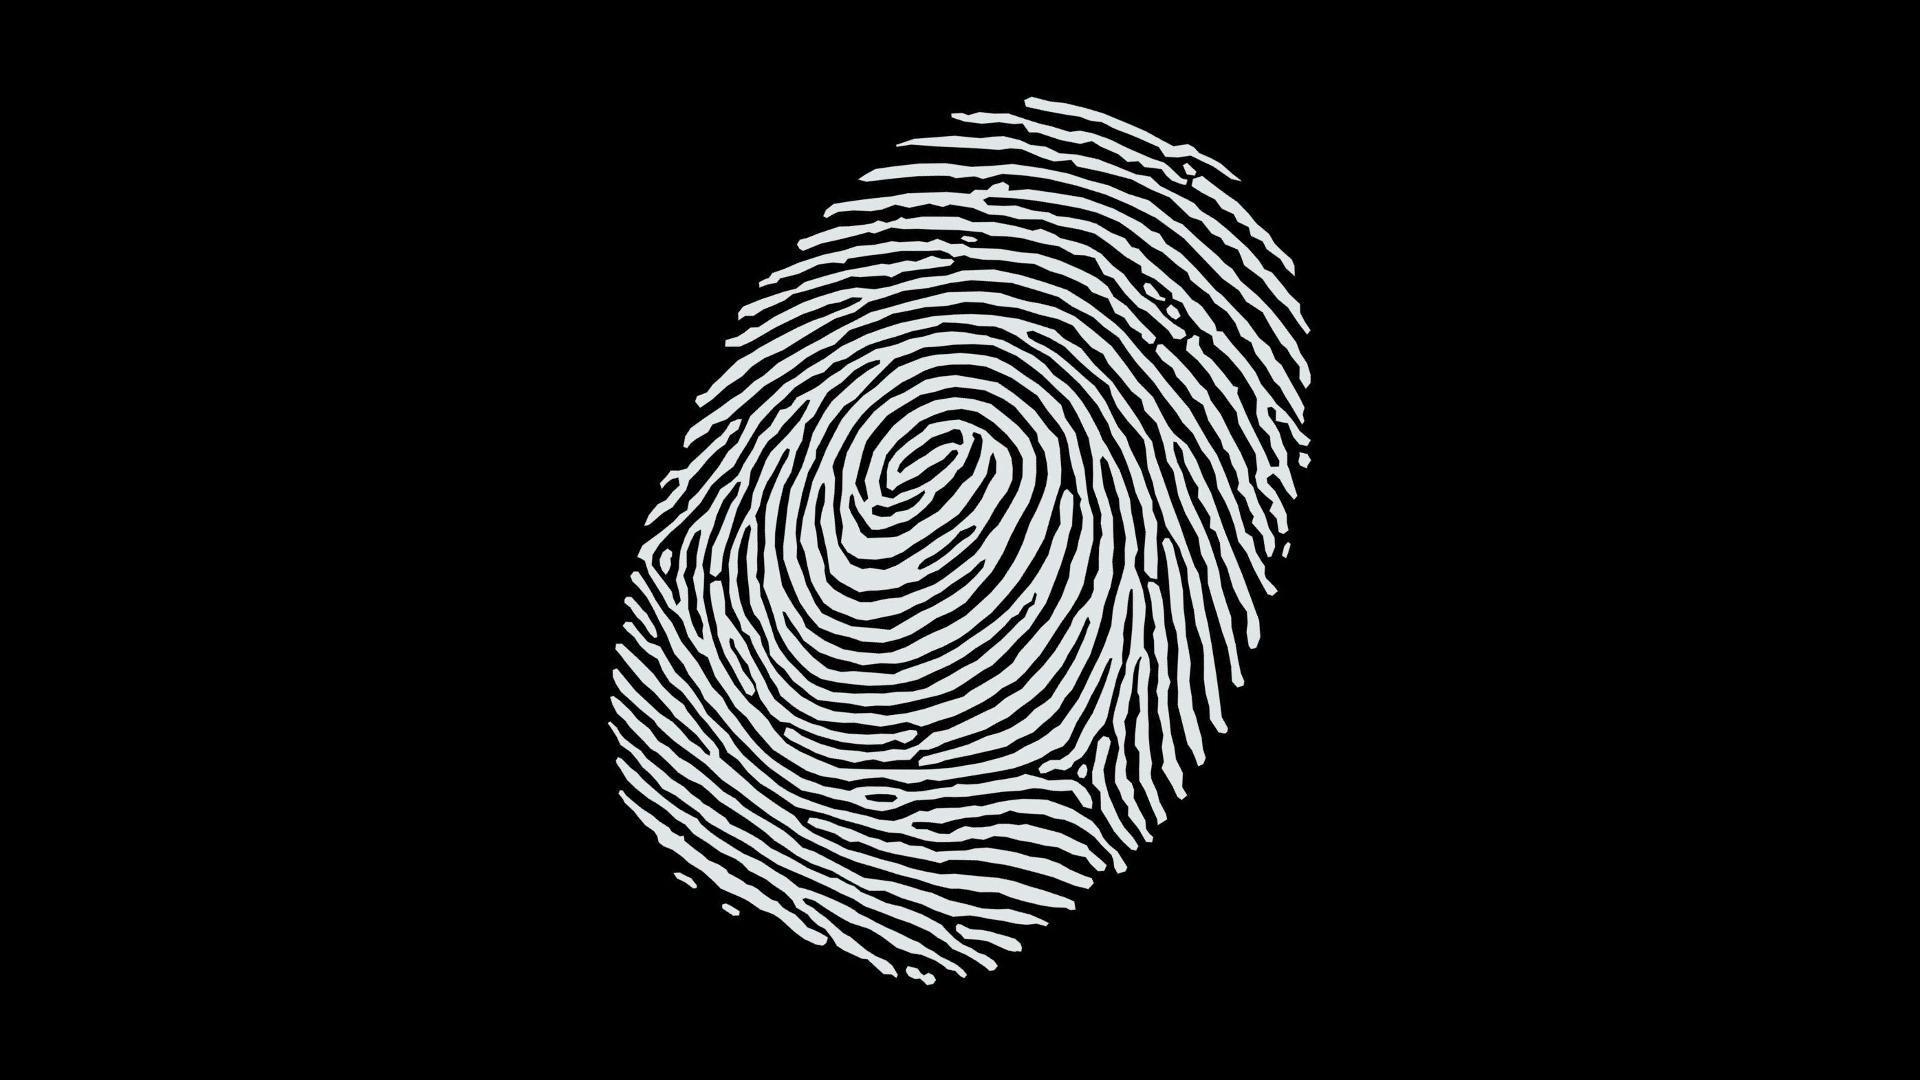 HÌnh nền đen trắng dấu vân tay cho máy tính